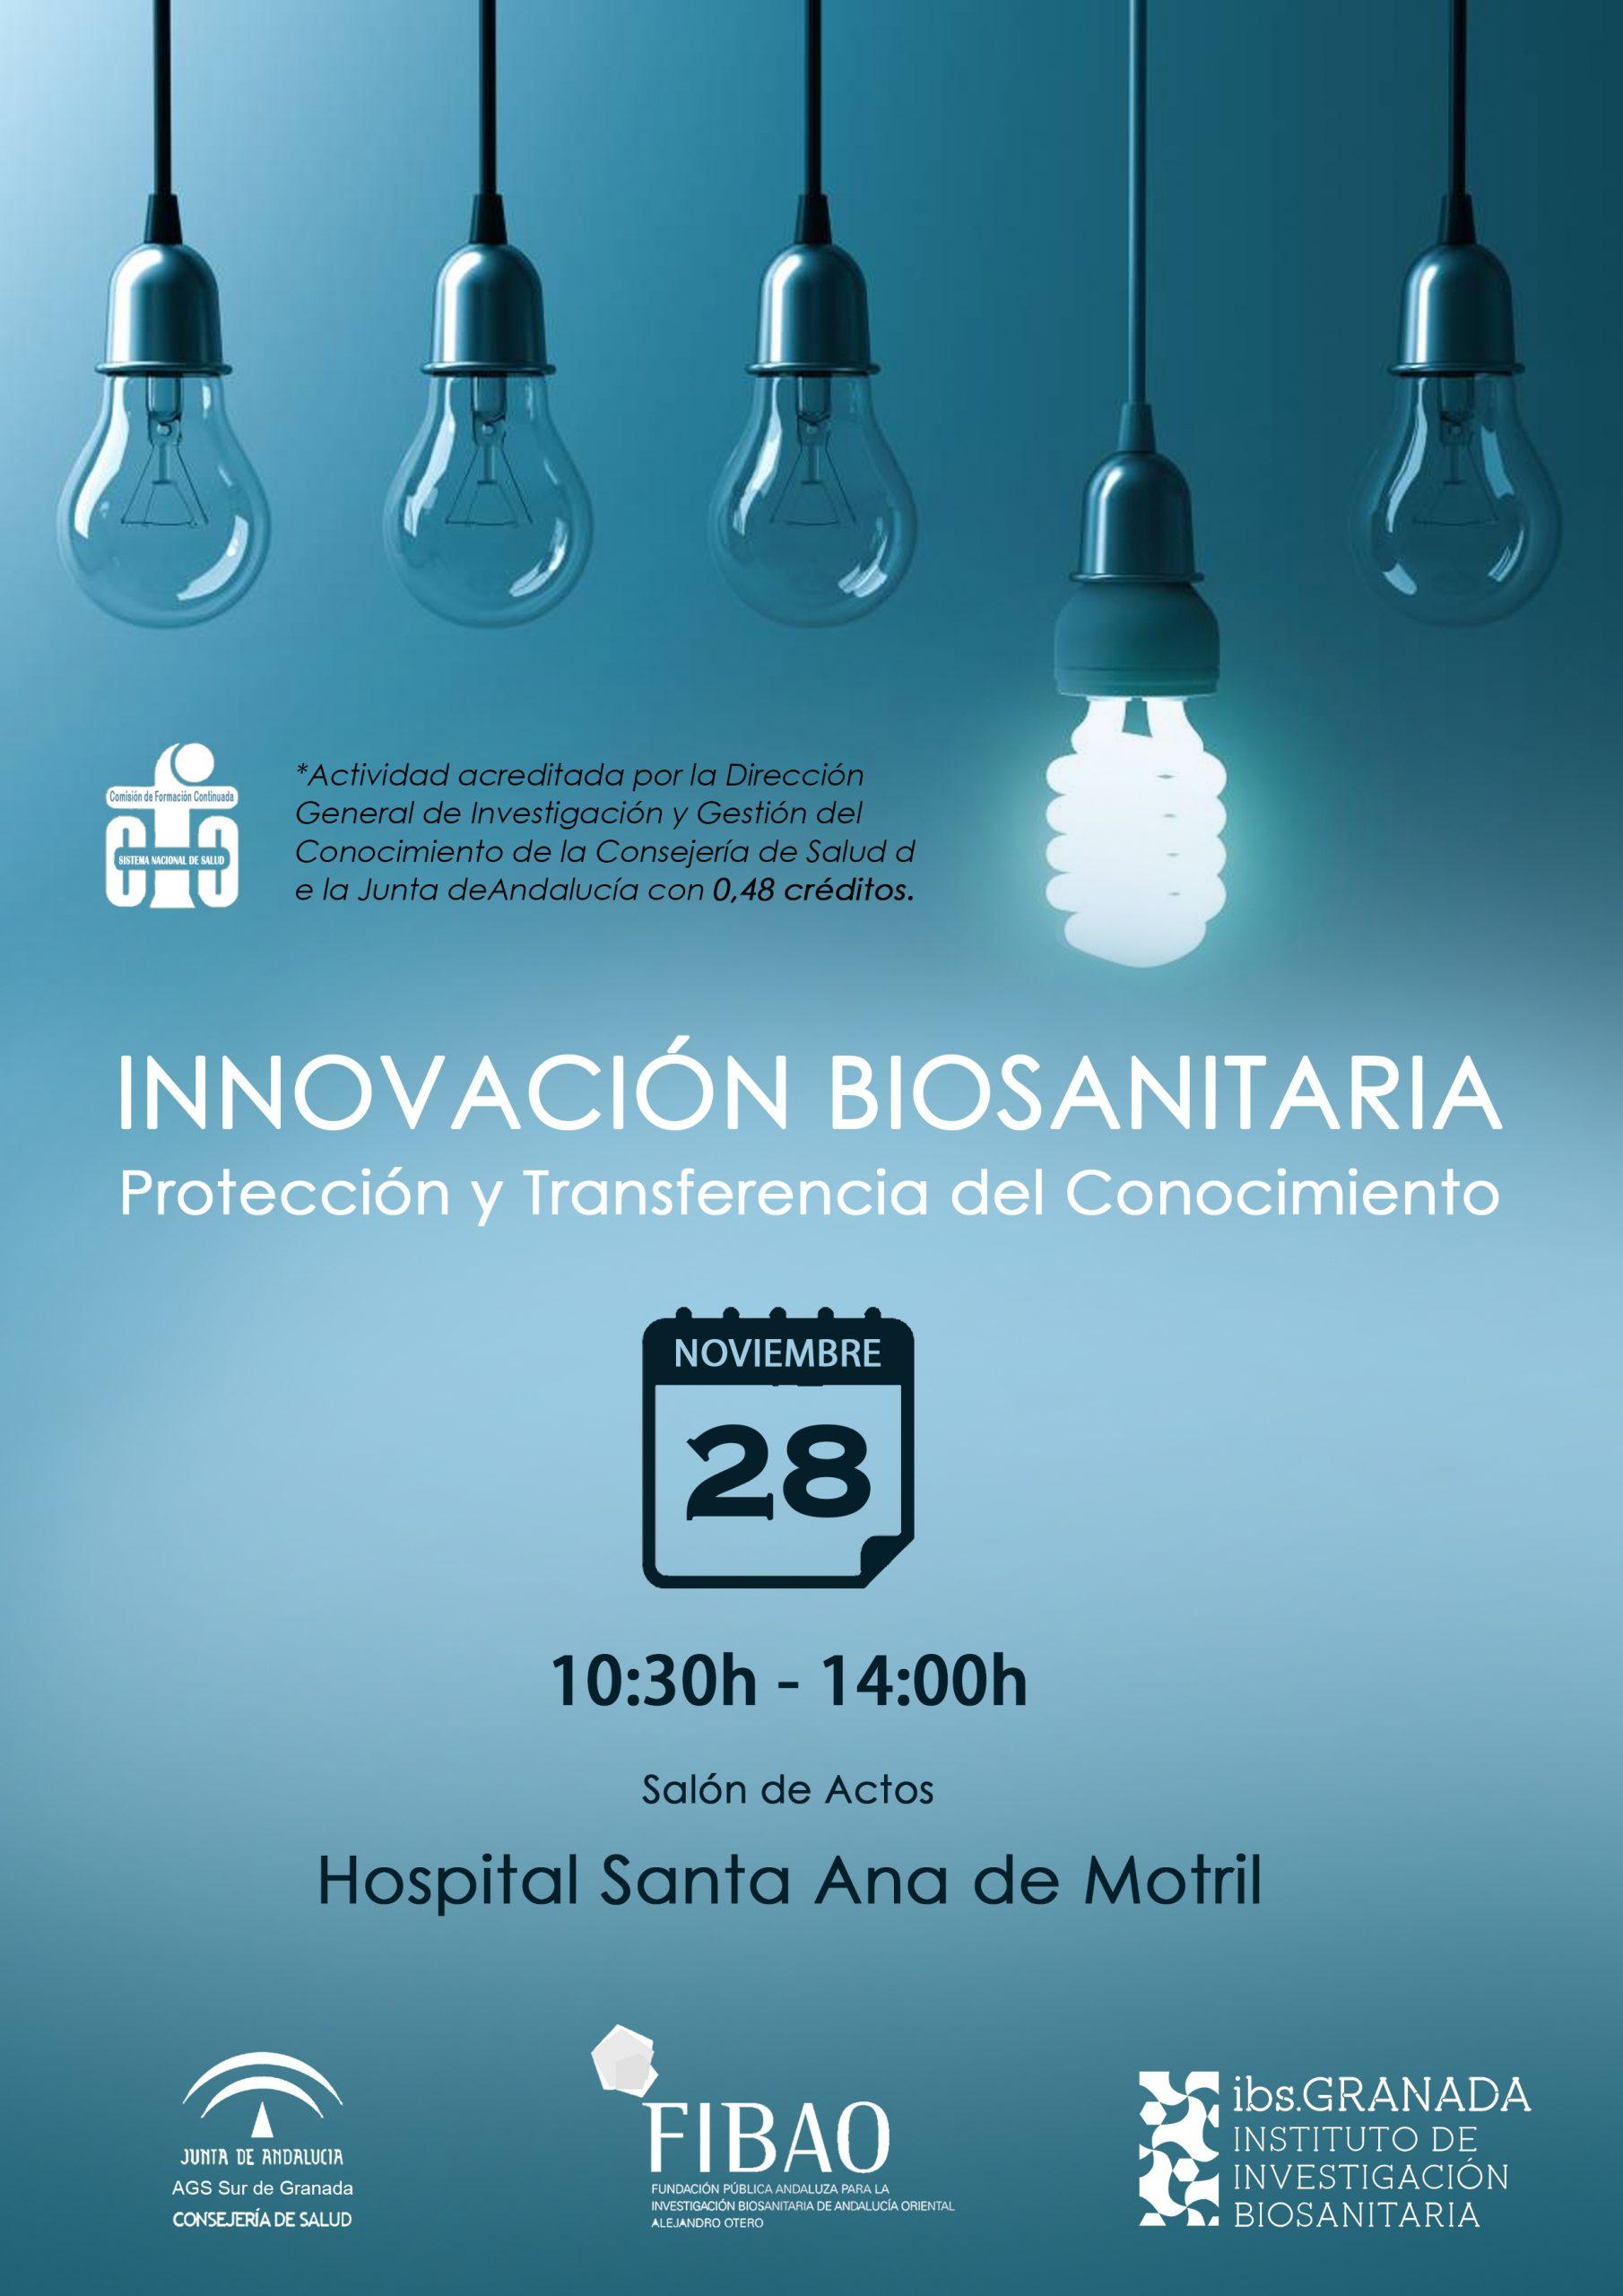 Curso De Innovación Biosanitaria: Protección Y Transferencia Del Conocimiento Motril